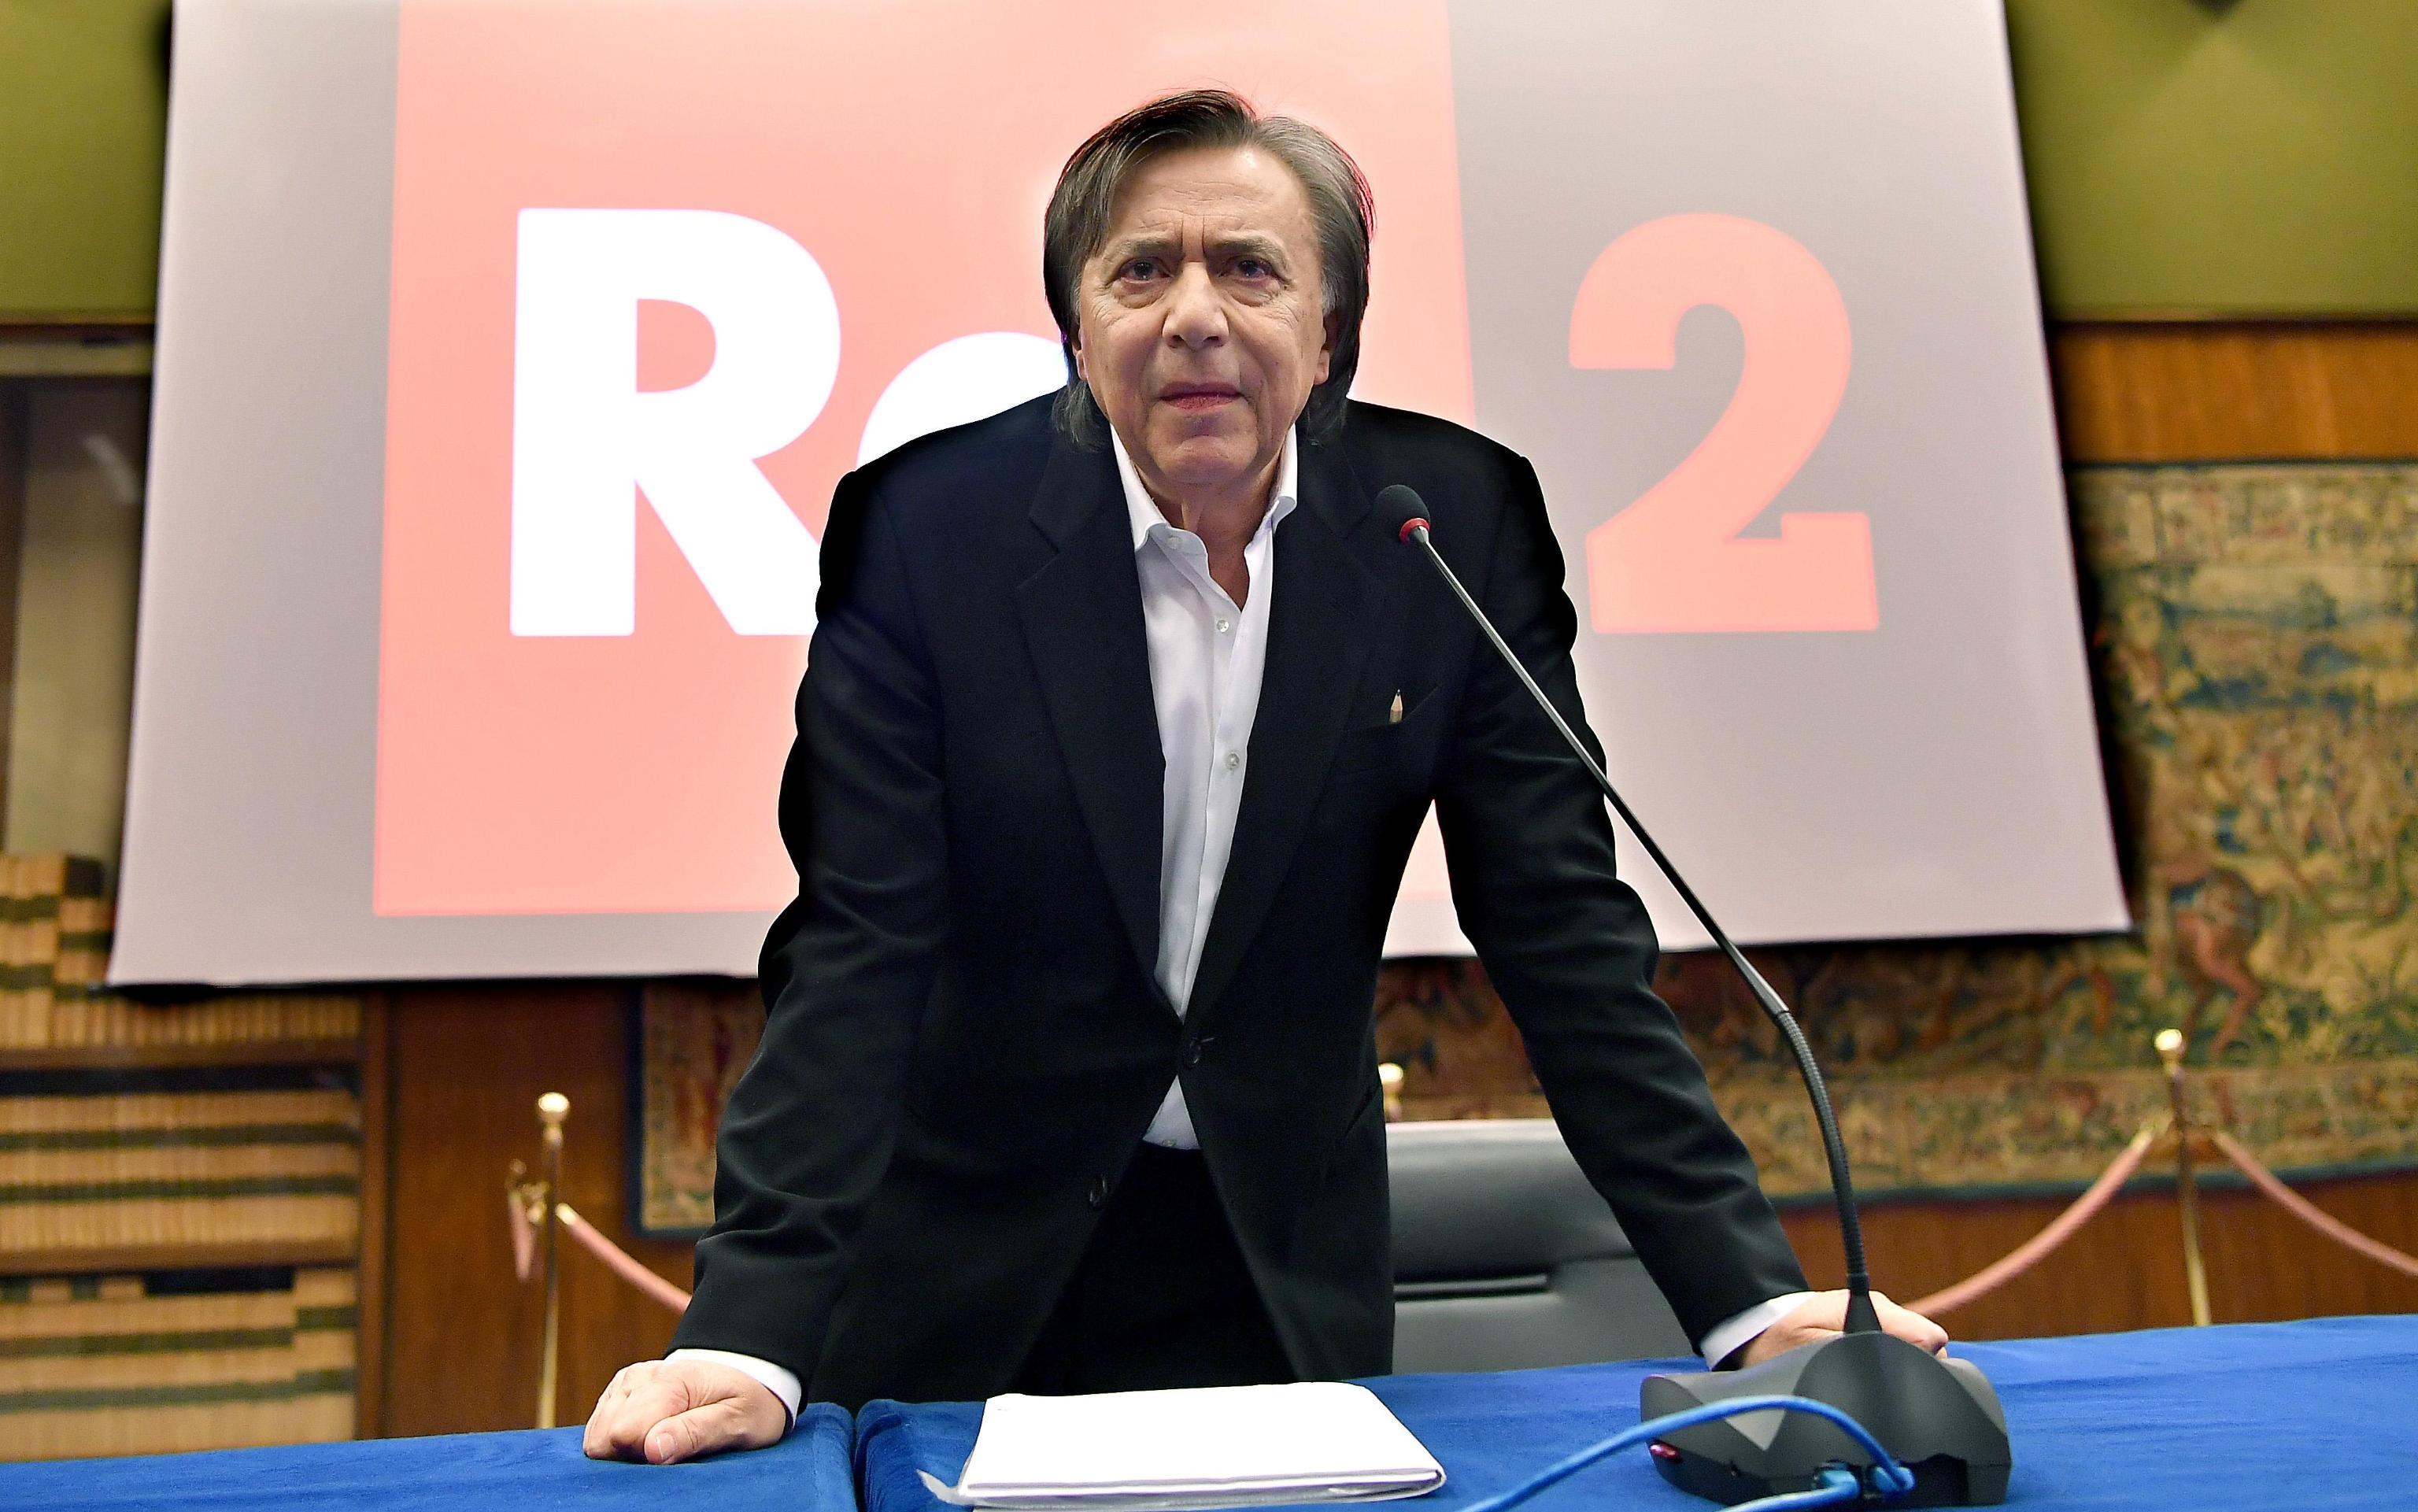 Carlo Freccero: 'Voglio riportare Luttazzi in Rai, è finita l'epoca di Renzi e Berlusconi'